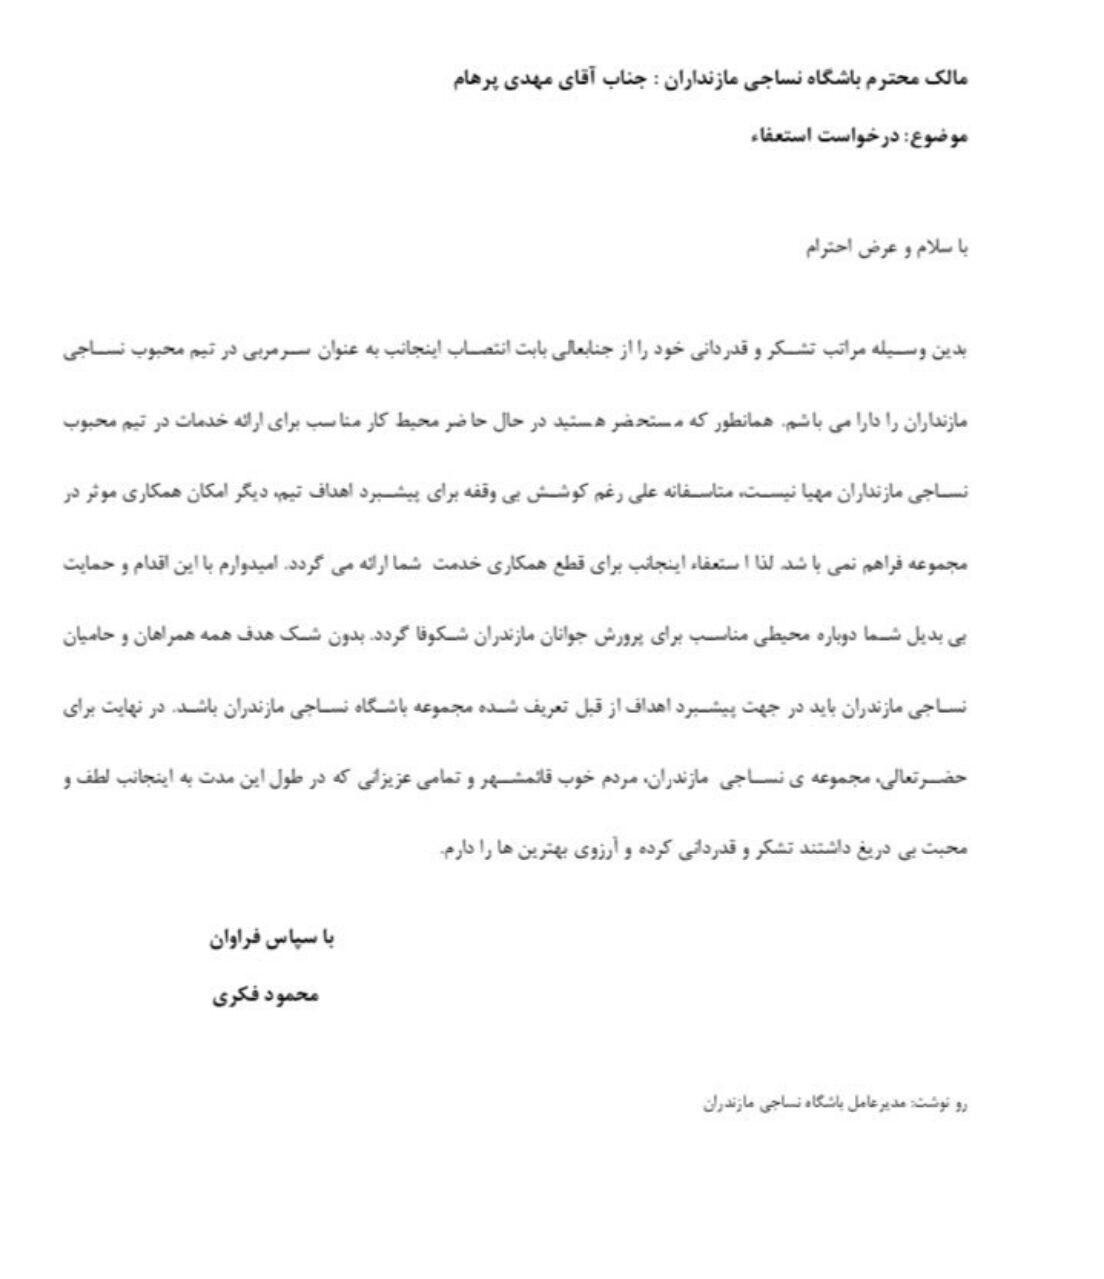 فوریی//////////نامه استعفا فکری در باشگاه نساجی/ پرهام: چهارشنبه تکلیف فکری مشخص می شود